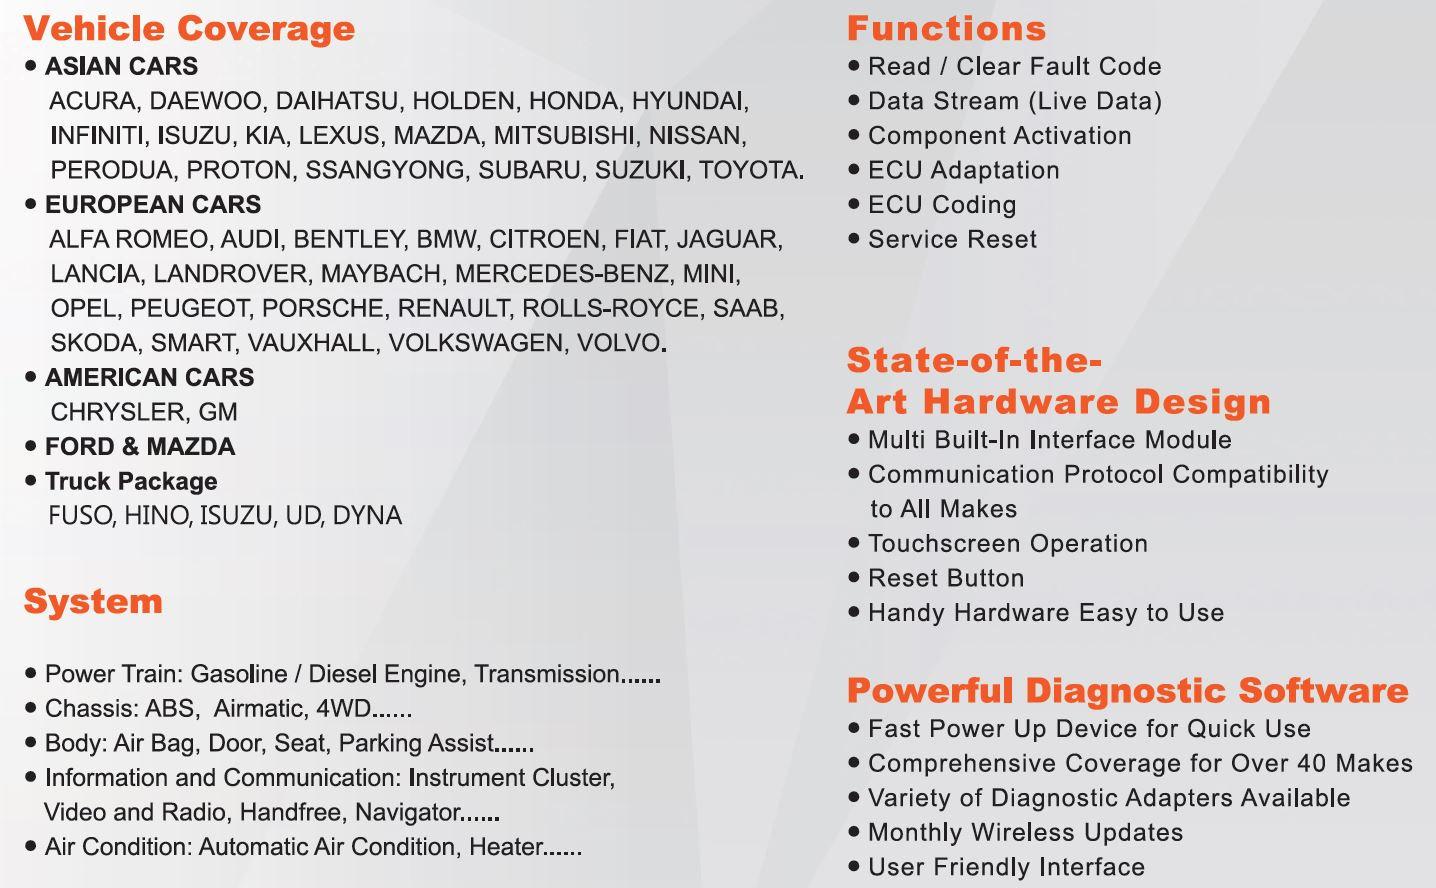 Autoland Vedis 3 | Automotive Diagnostic Scanner | New Zealand scaNZed